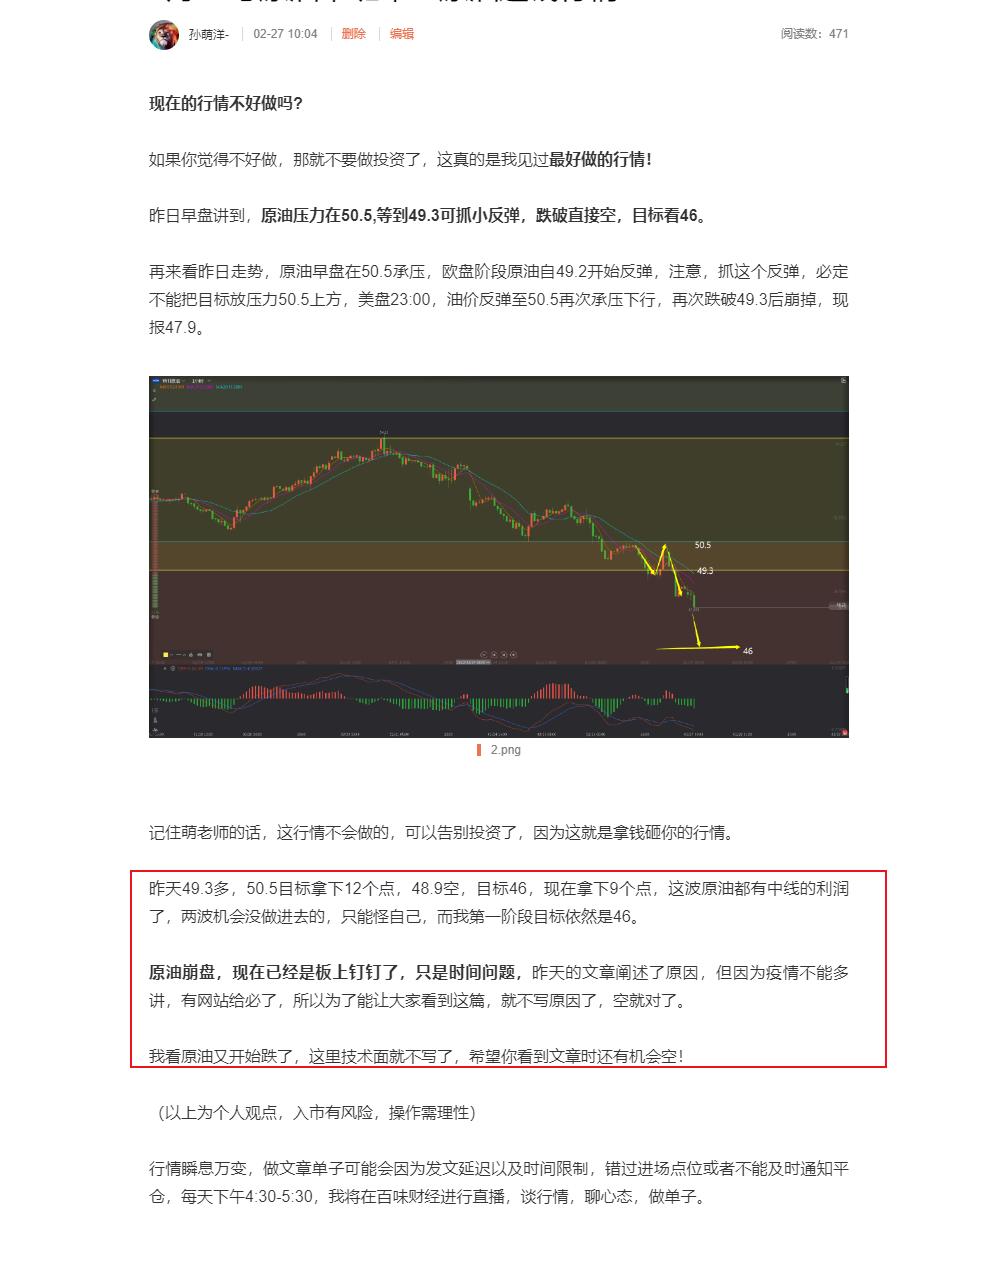 孫萌洋:黃金、原油交易筆記(一百一十 八)崩了!